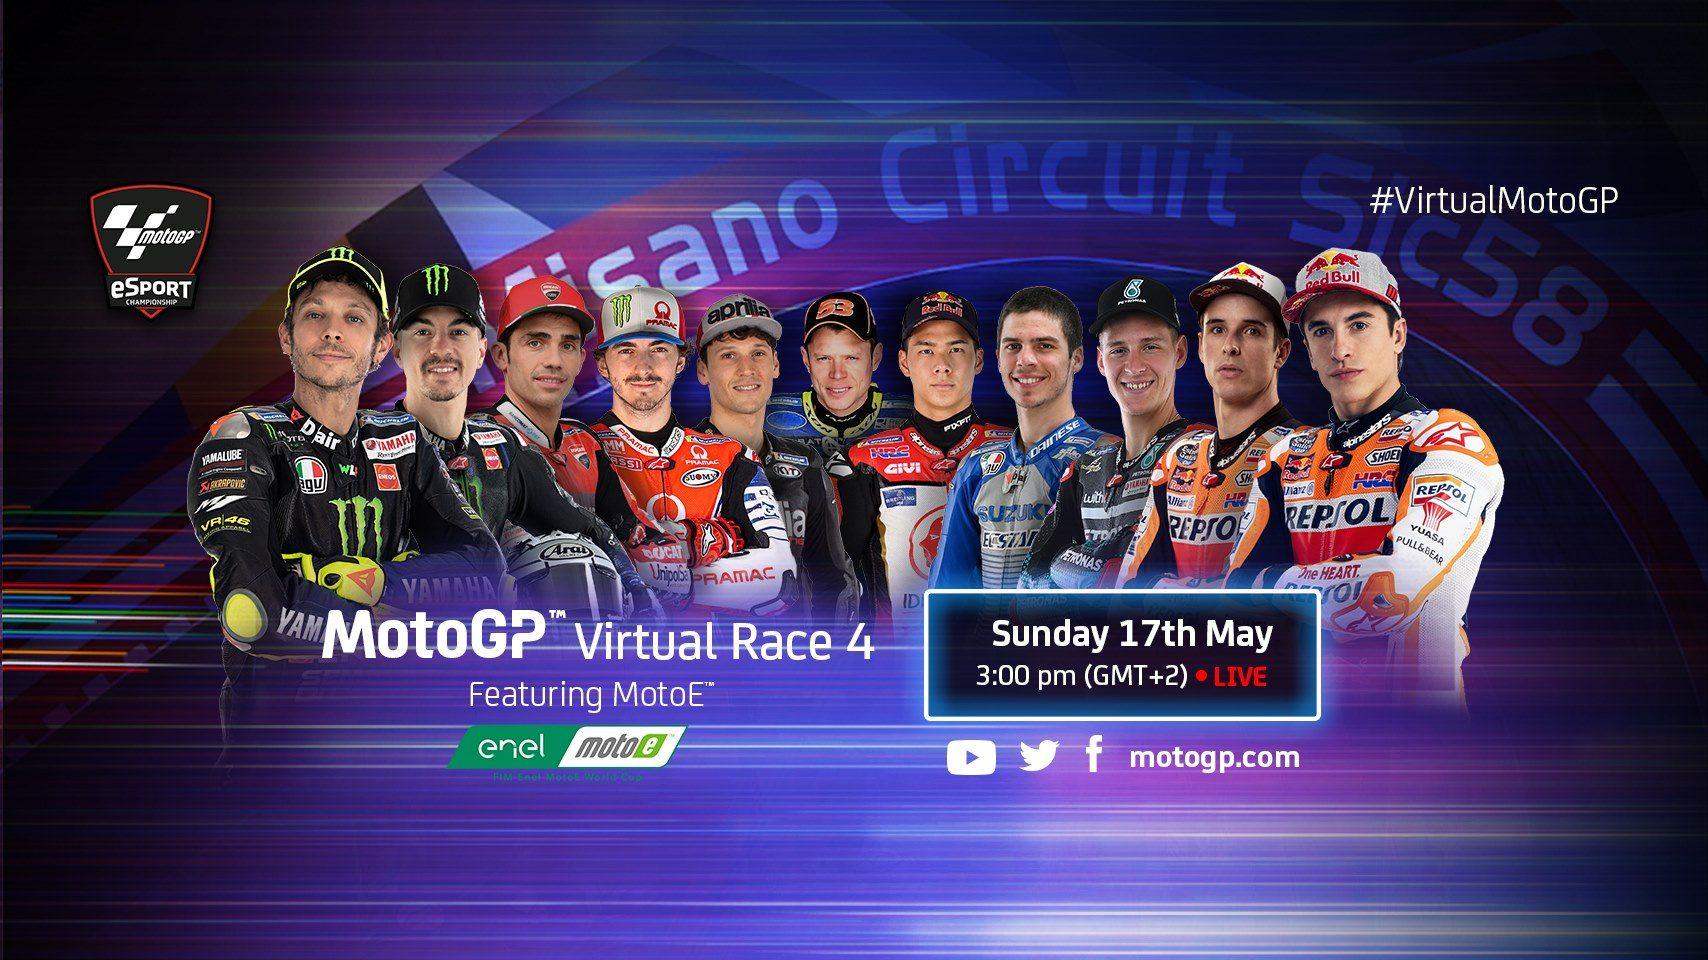 Chamada da MotoGP para o Virtual MotoGP 4